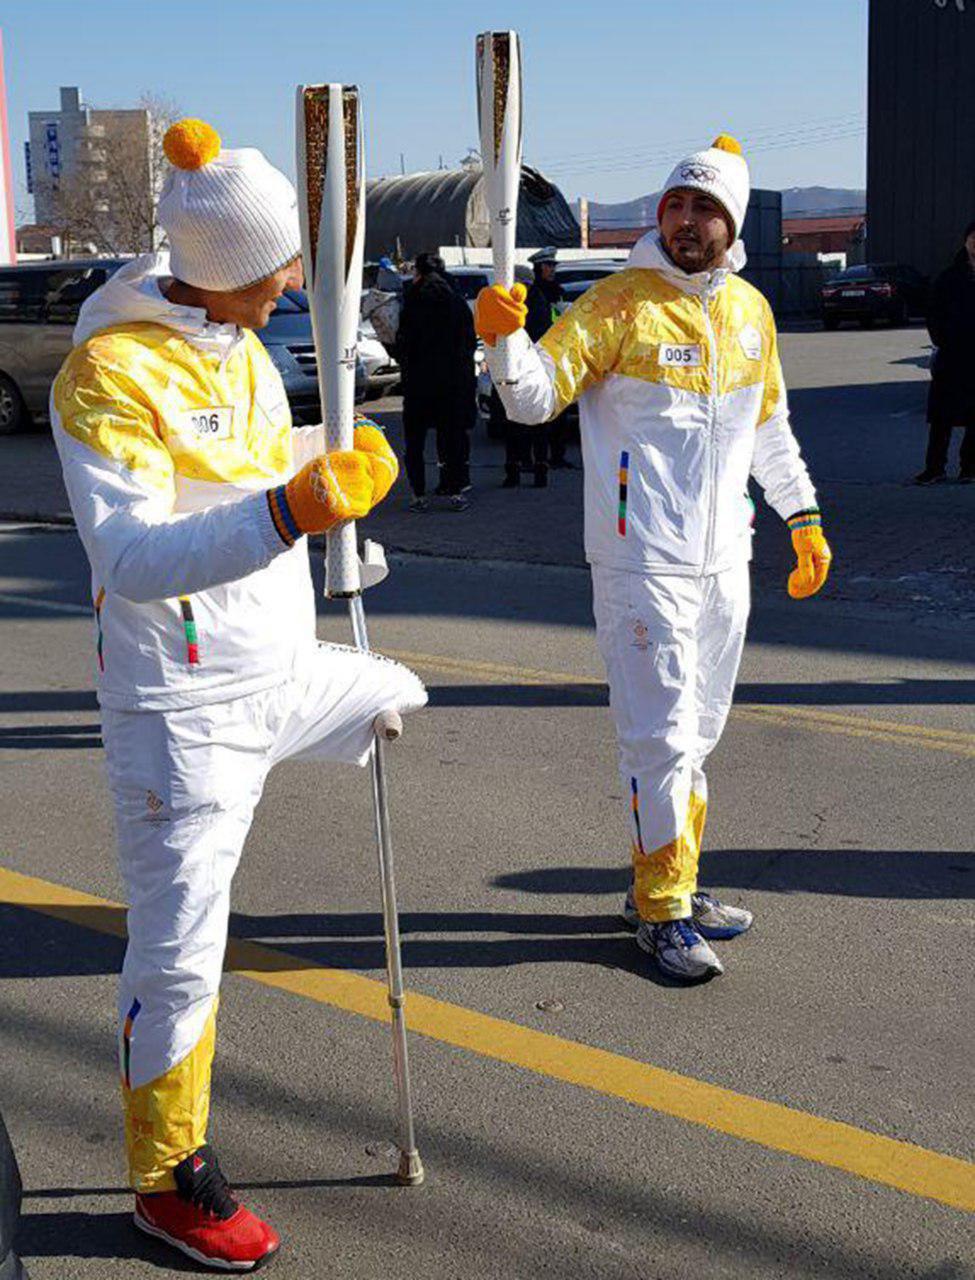 نمایندگان ایران مشعل المپیک زمستانی 2018 پیونگ چانگ را حمل کردند